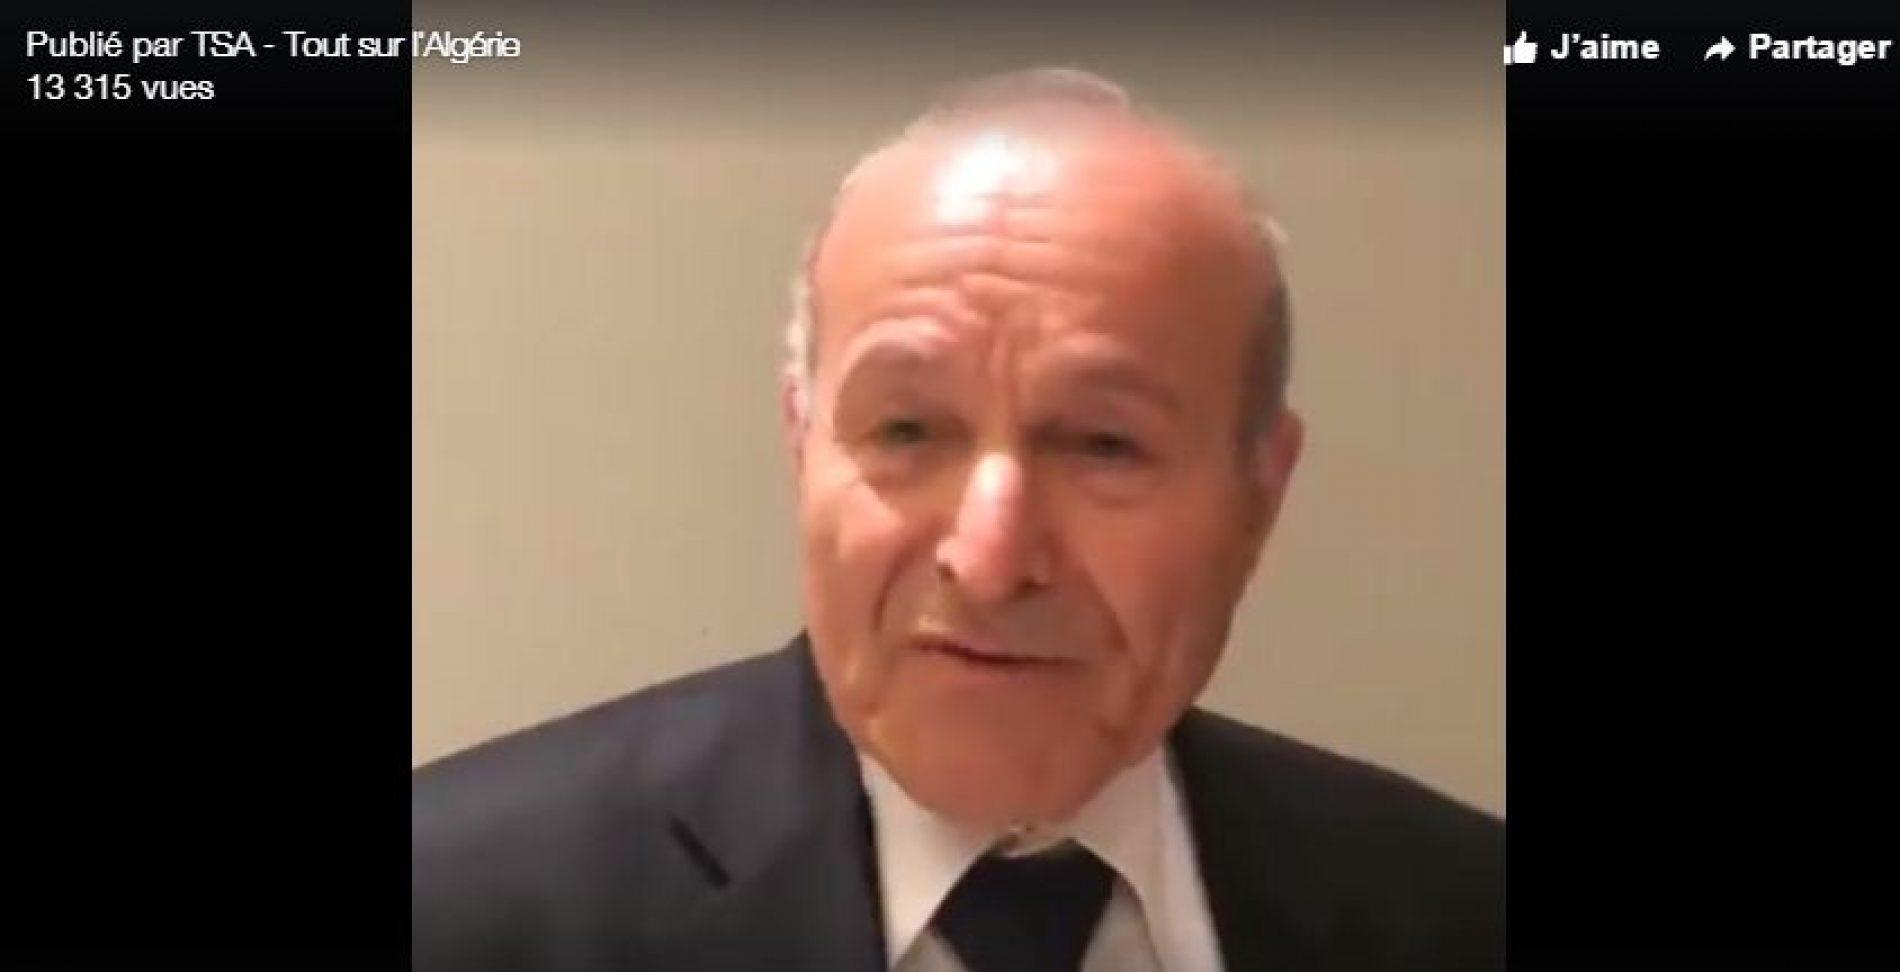 VIDÉO. Issad Rebrab : « On n'a qu'une seule patrie, c'est l'Algérie »